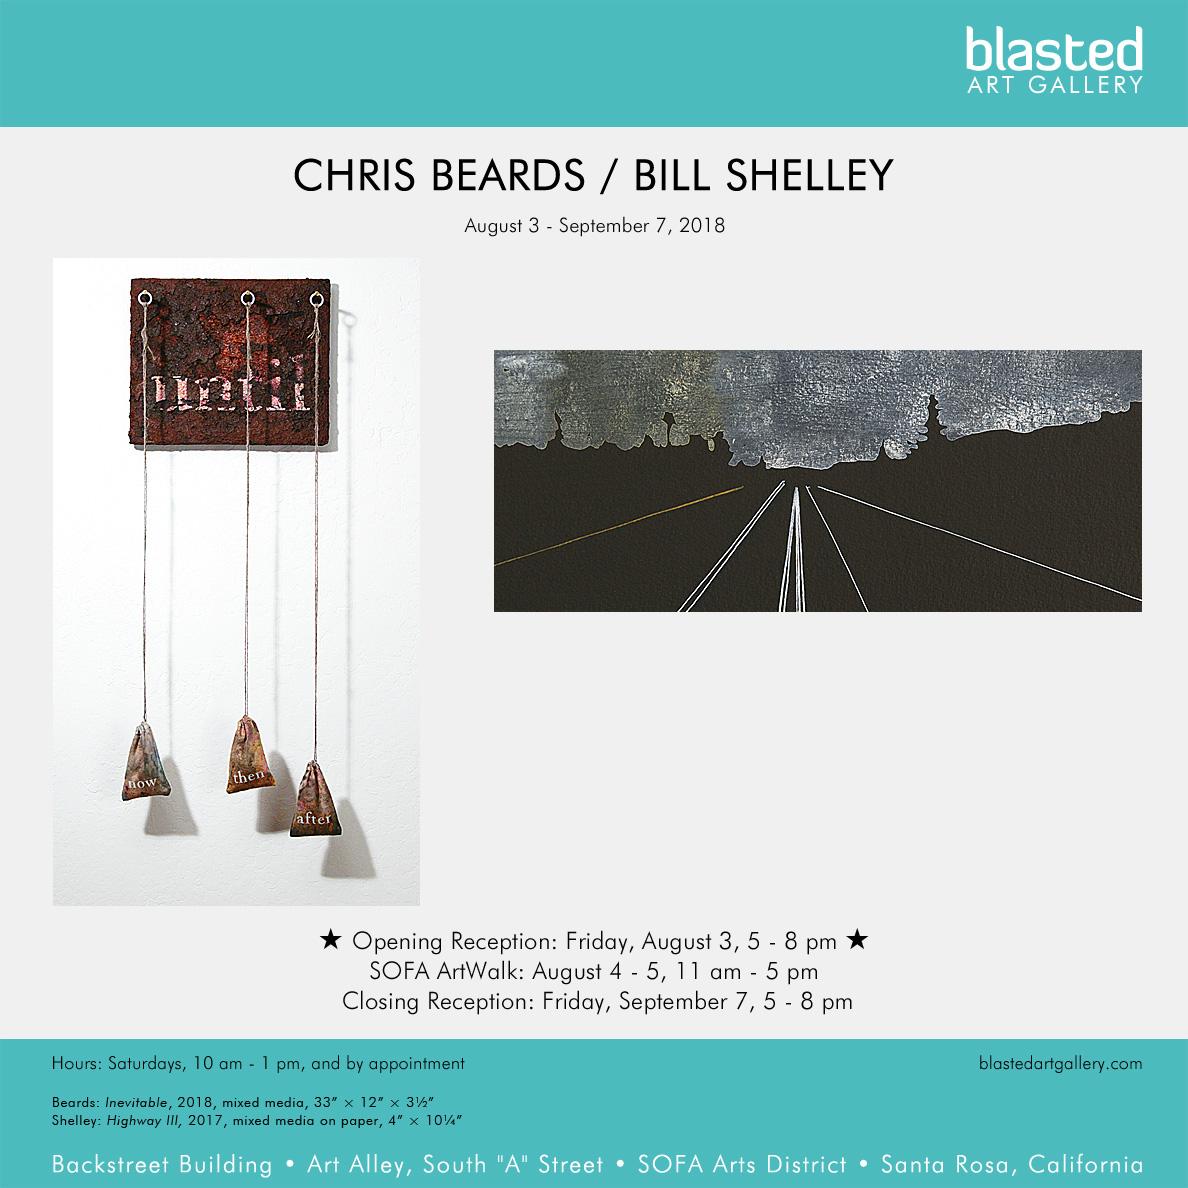 Chris Beards / Bill Shelley